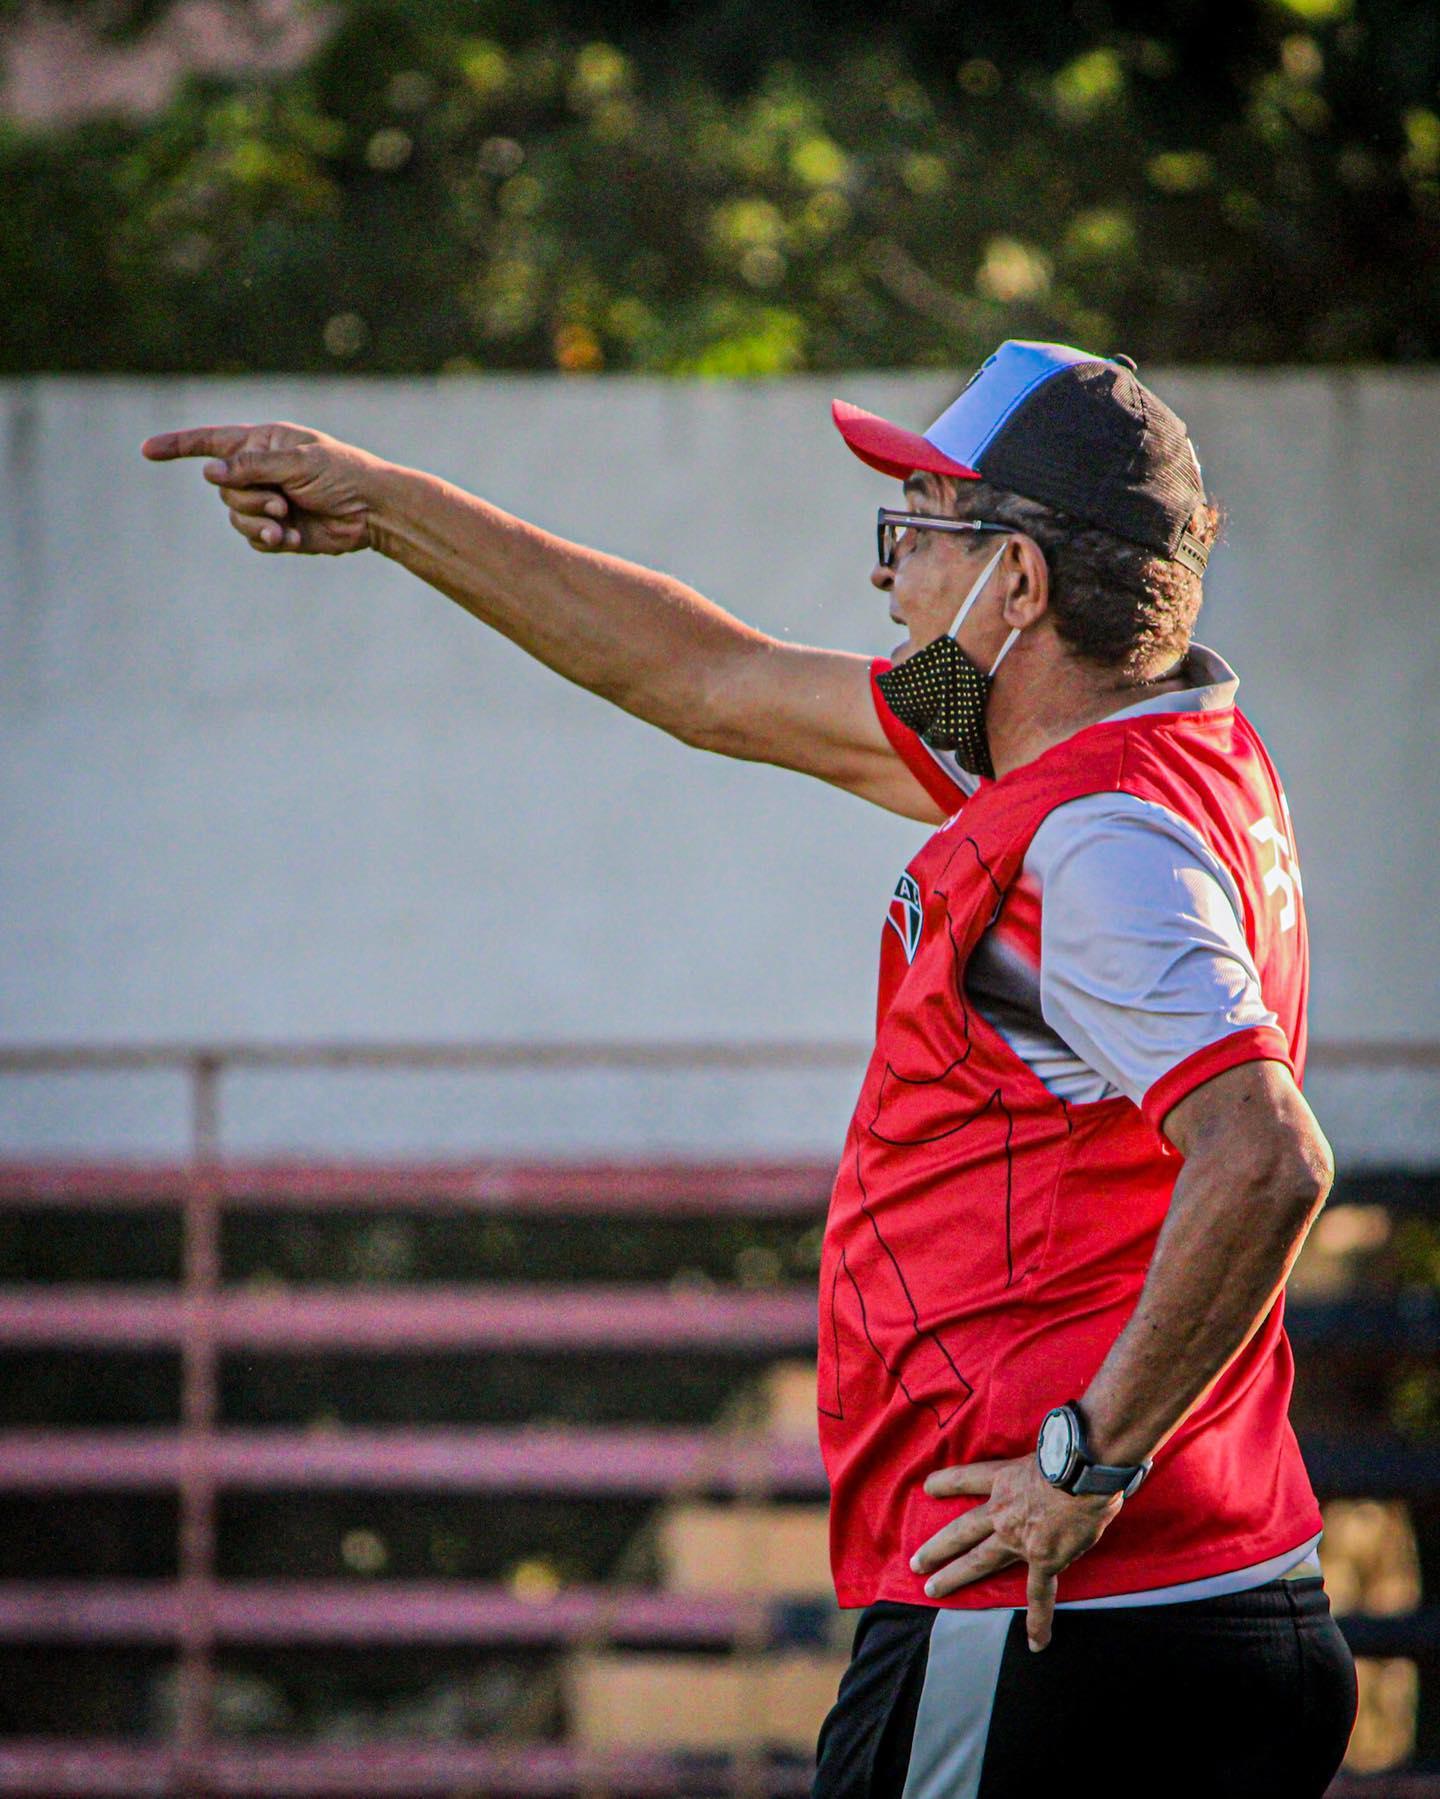 Técnico do Ferroviário, Francisco Diá prometeu time reserva, mas voltou atrás